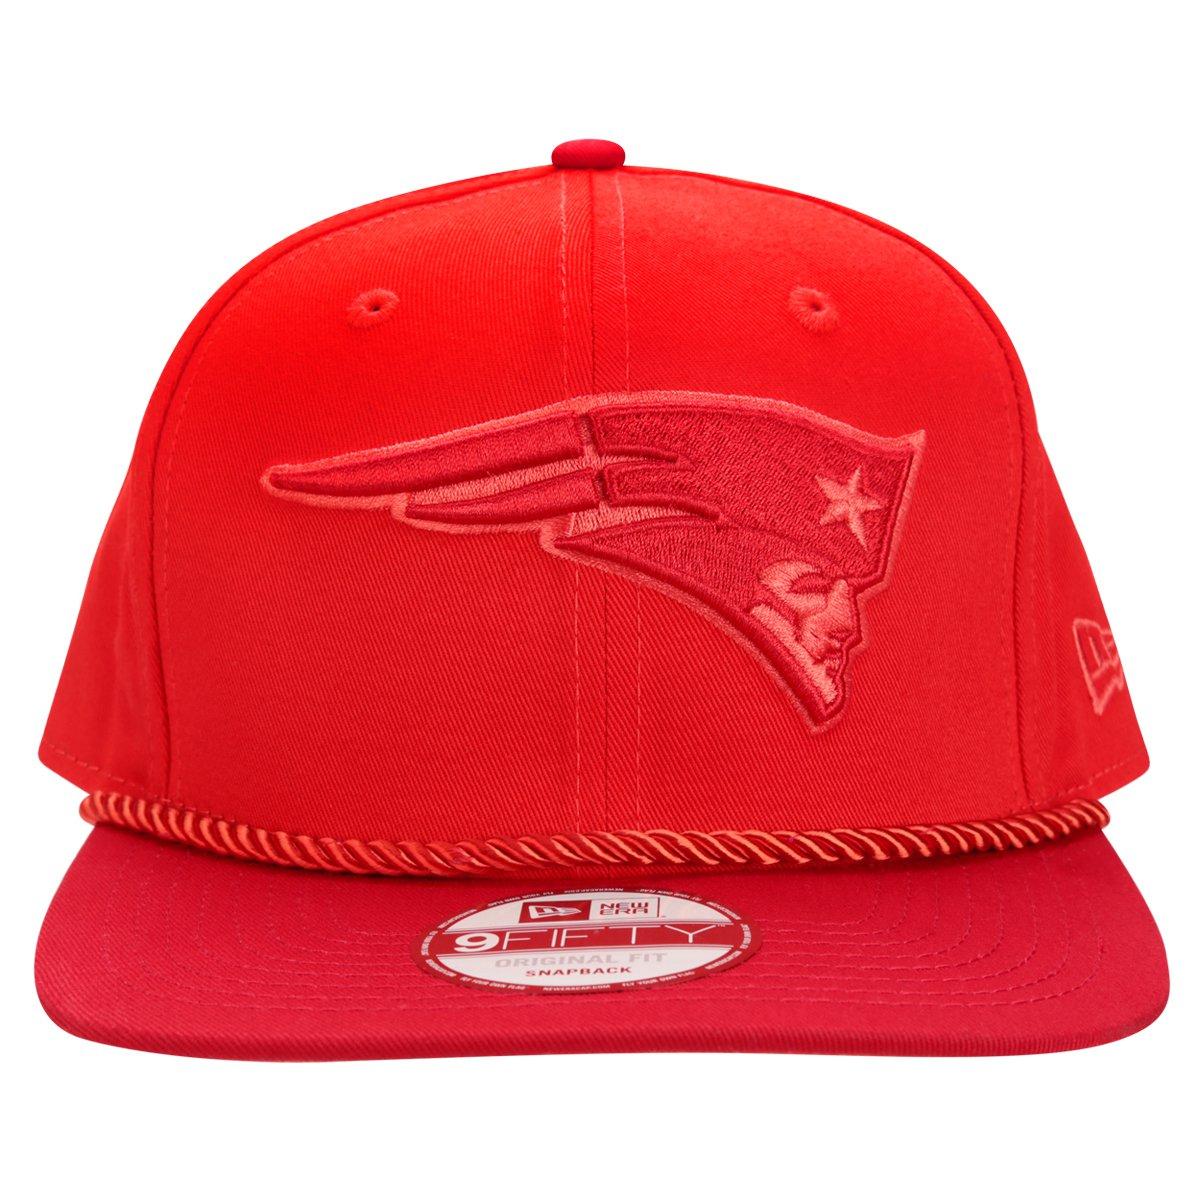 Boné New Era 950 NFL New England Patriots - Compre Agora  01e3c108377